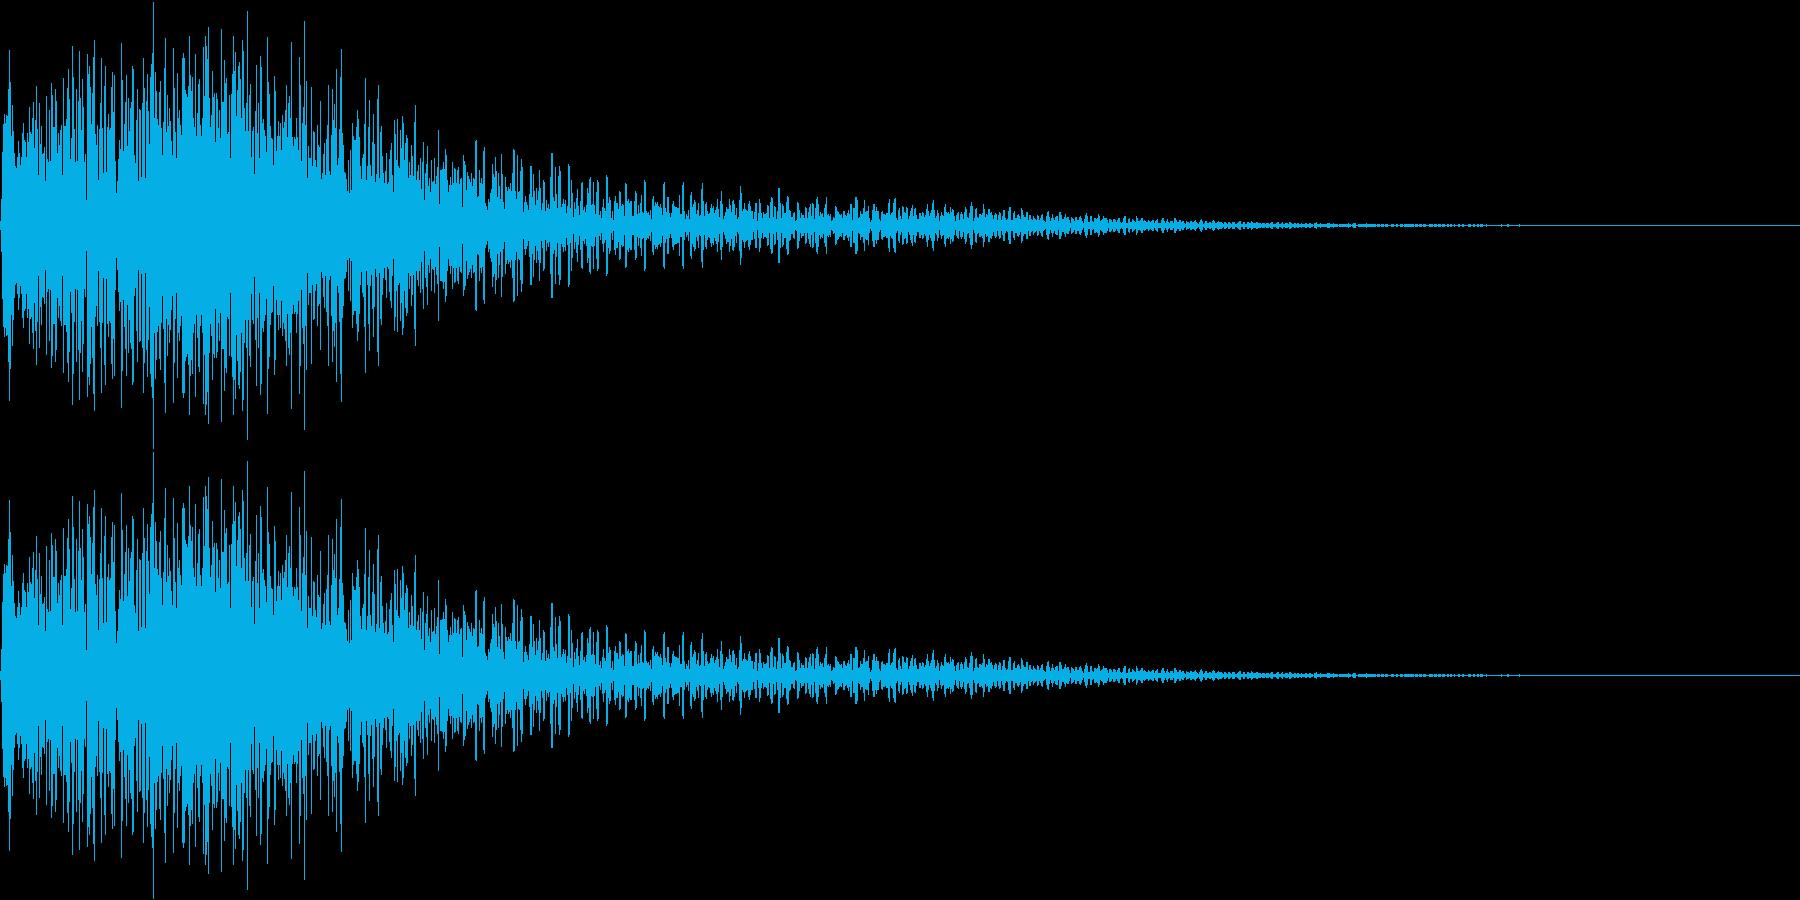 衝撃音(ドギョーン)の再生済みの波形